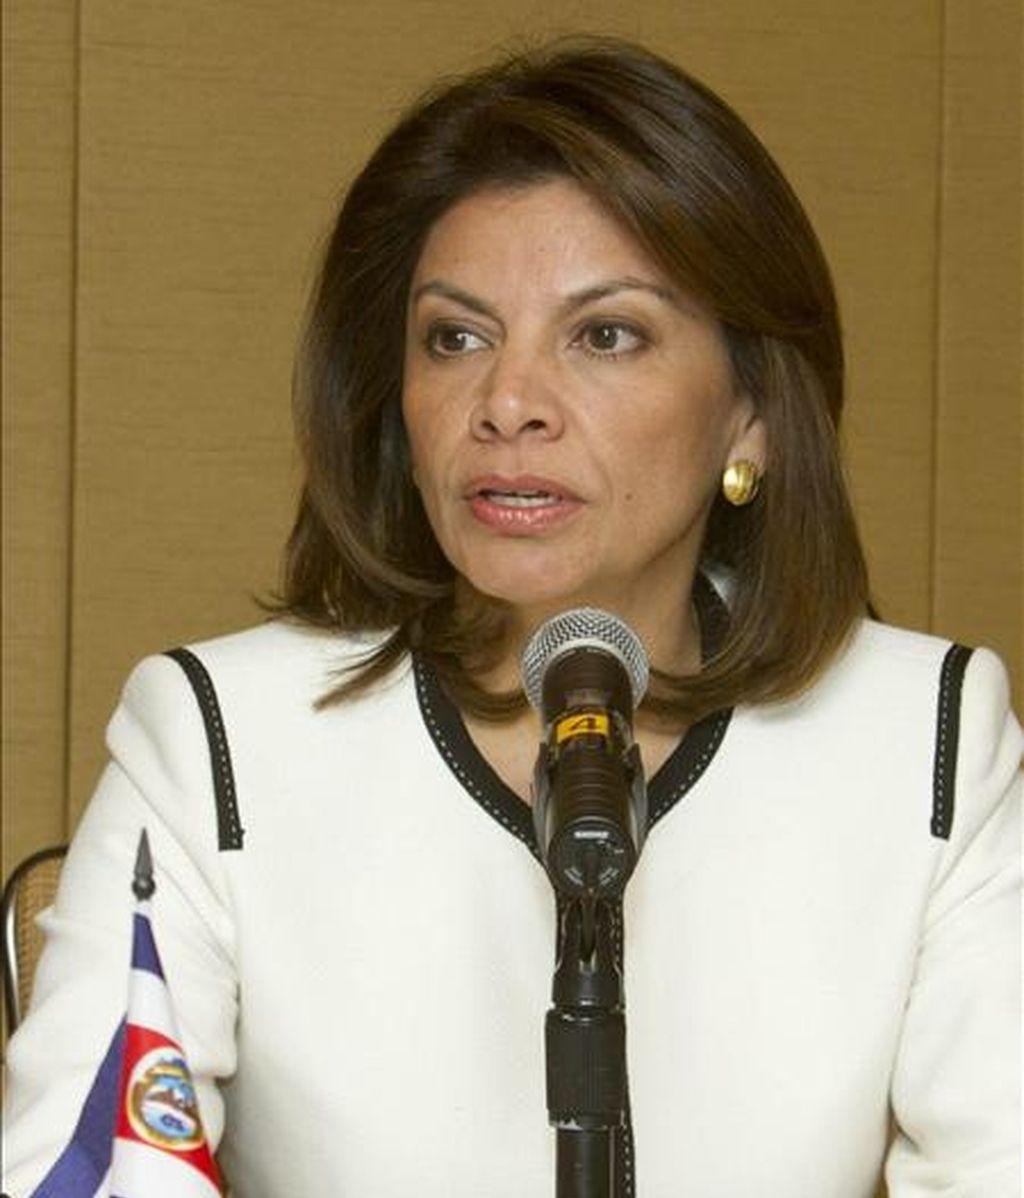 La presidenta de Costa Rica, Laura Chincilla habla durante la rueda de prensa, en Nueva York, (EE.UU.), en la que promovió las inversiones en su país. EFE